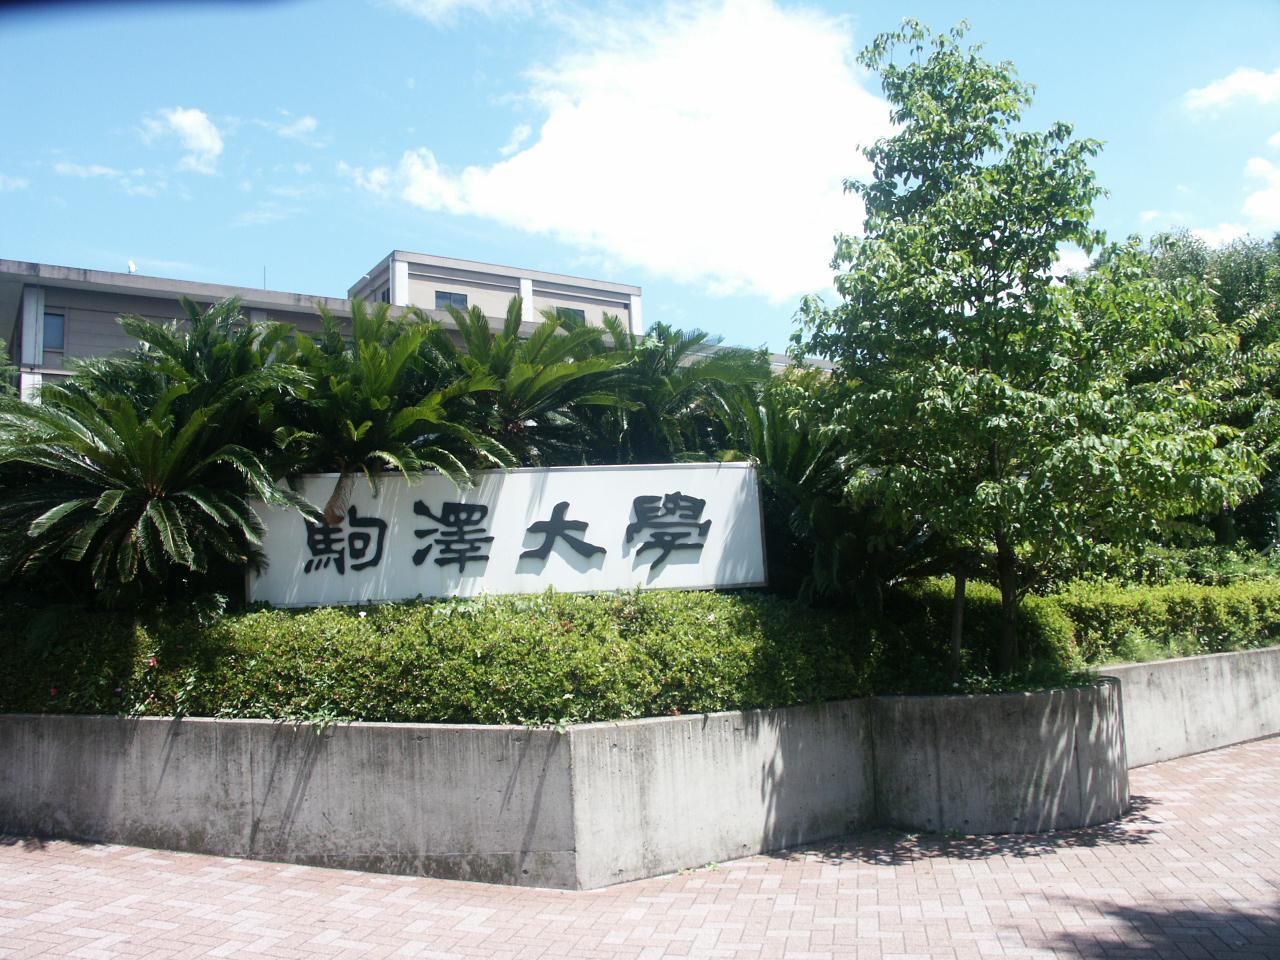 大学 票 駒澤 受験 駒澤大学の入学試験志願票記入について